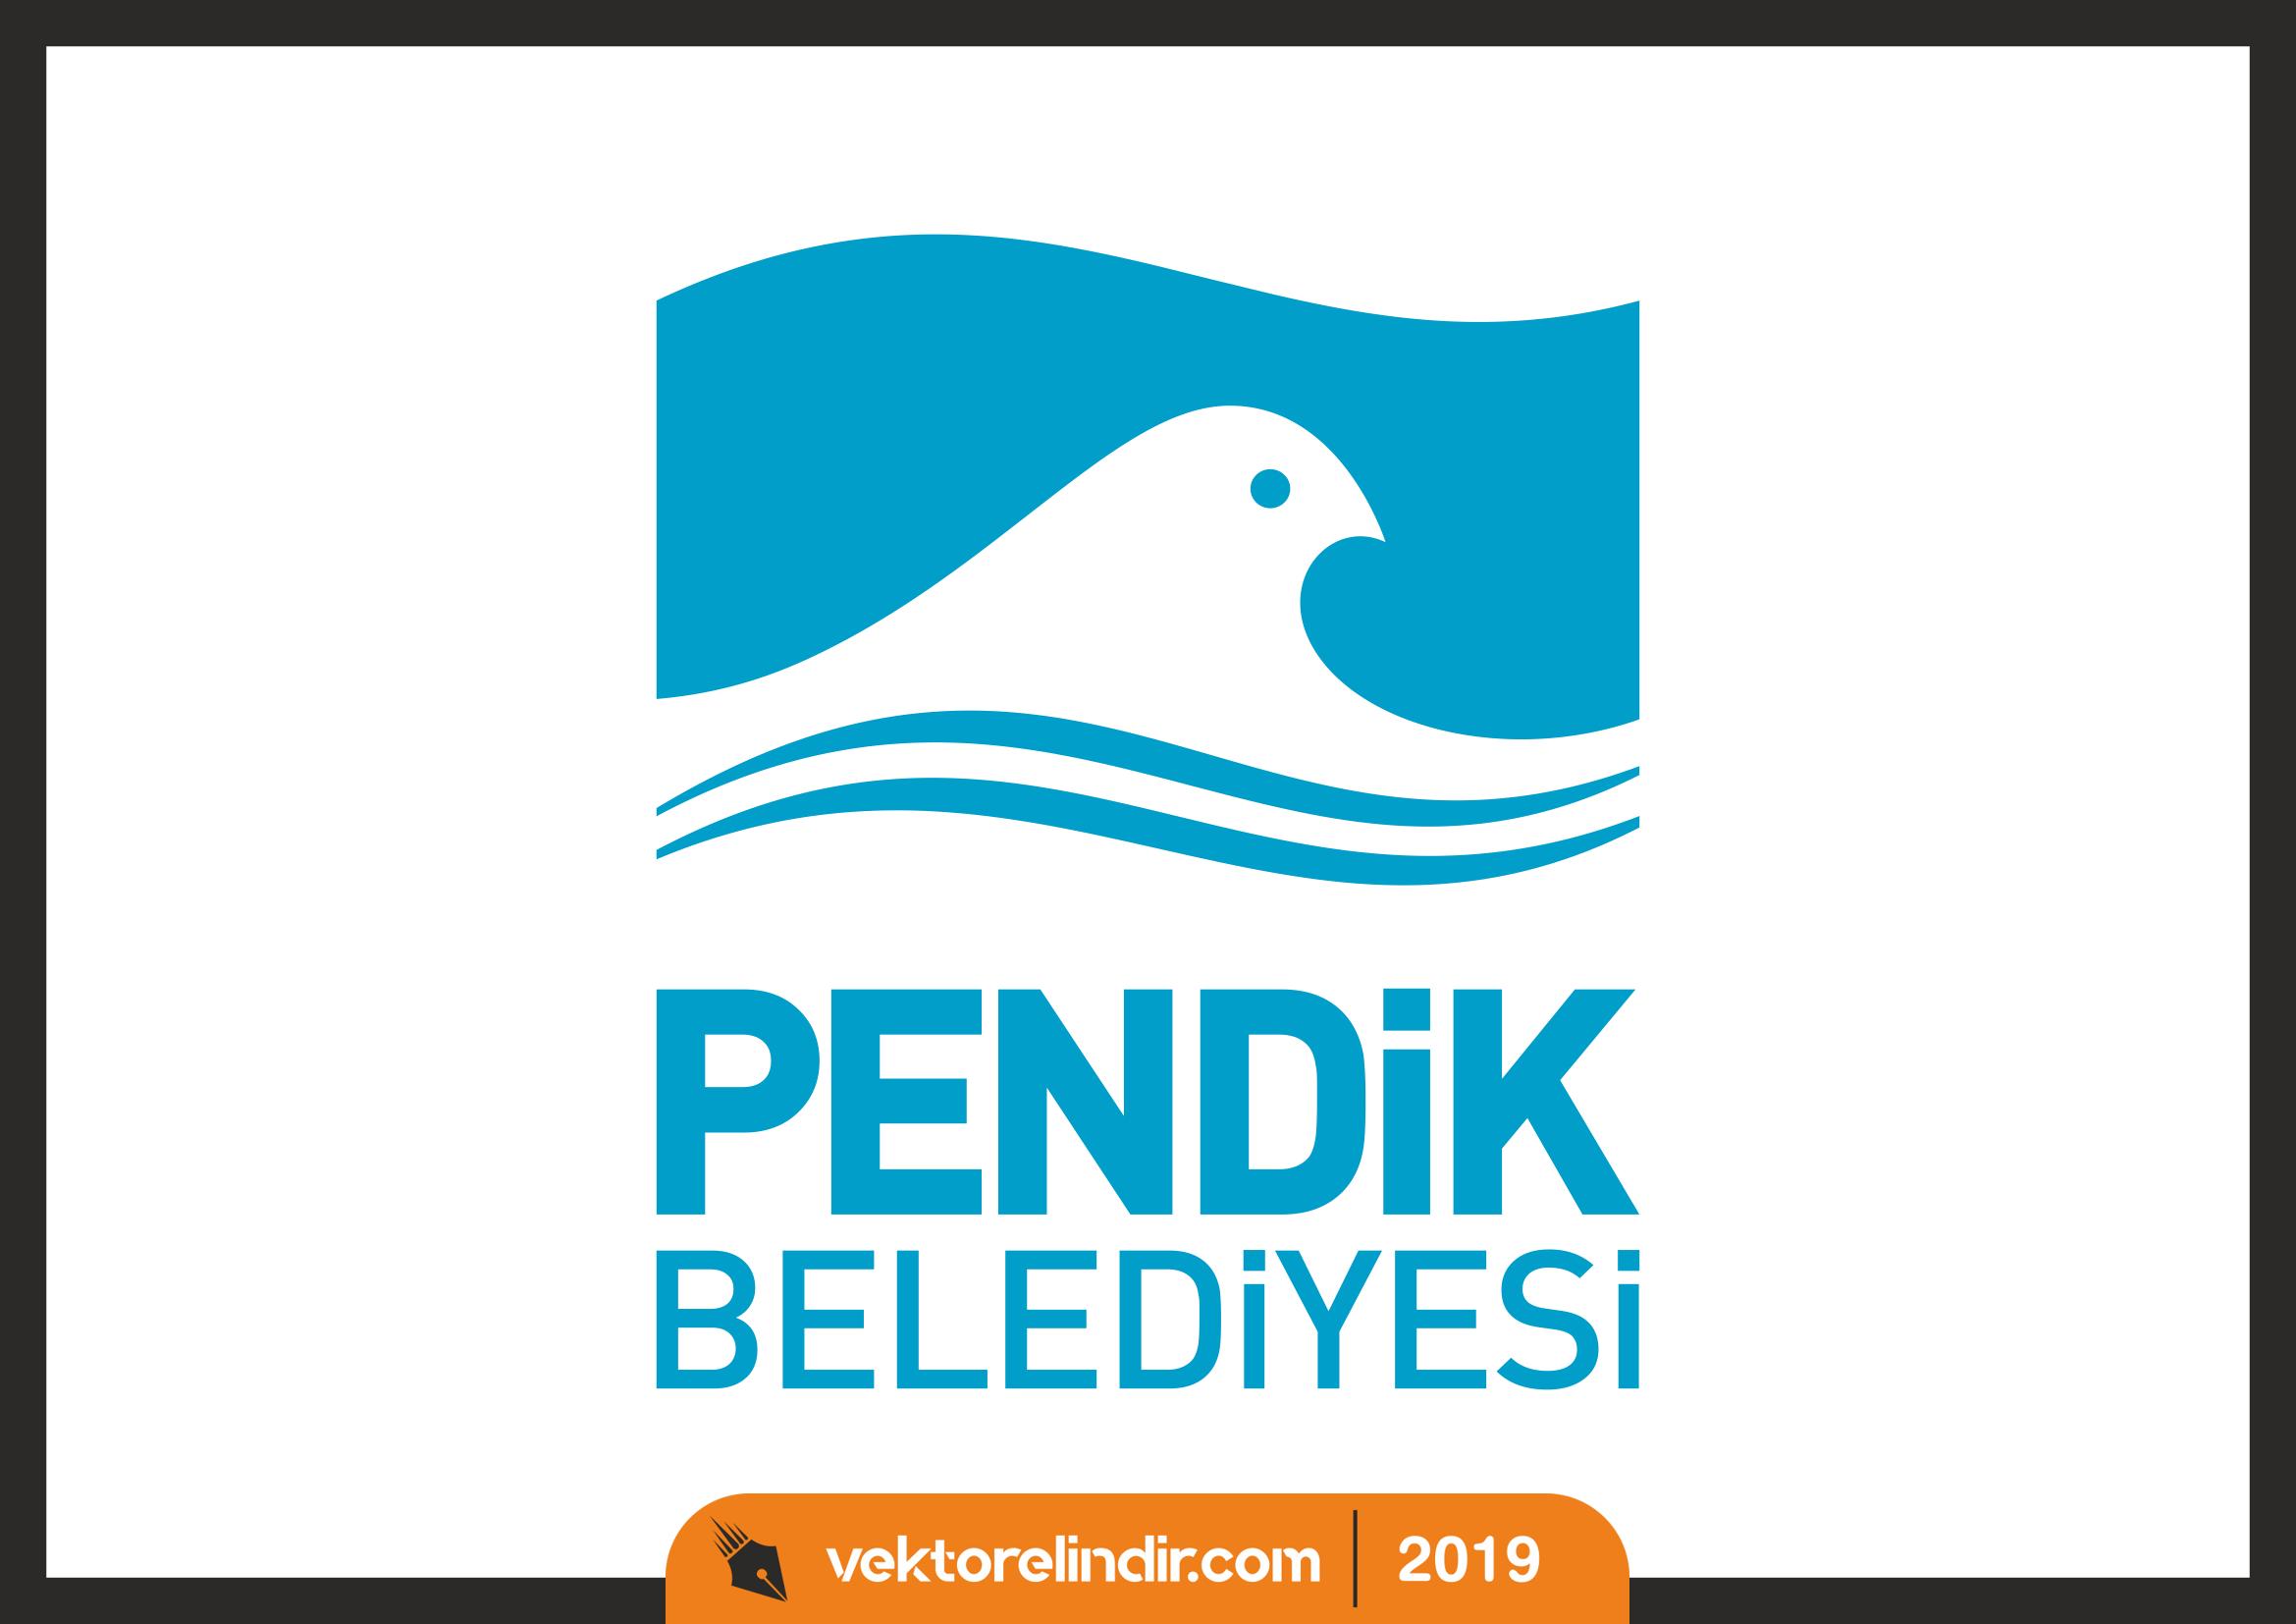 Pendik Belediyesi Logo, Amblem